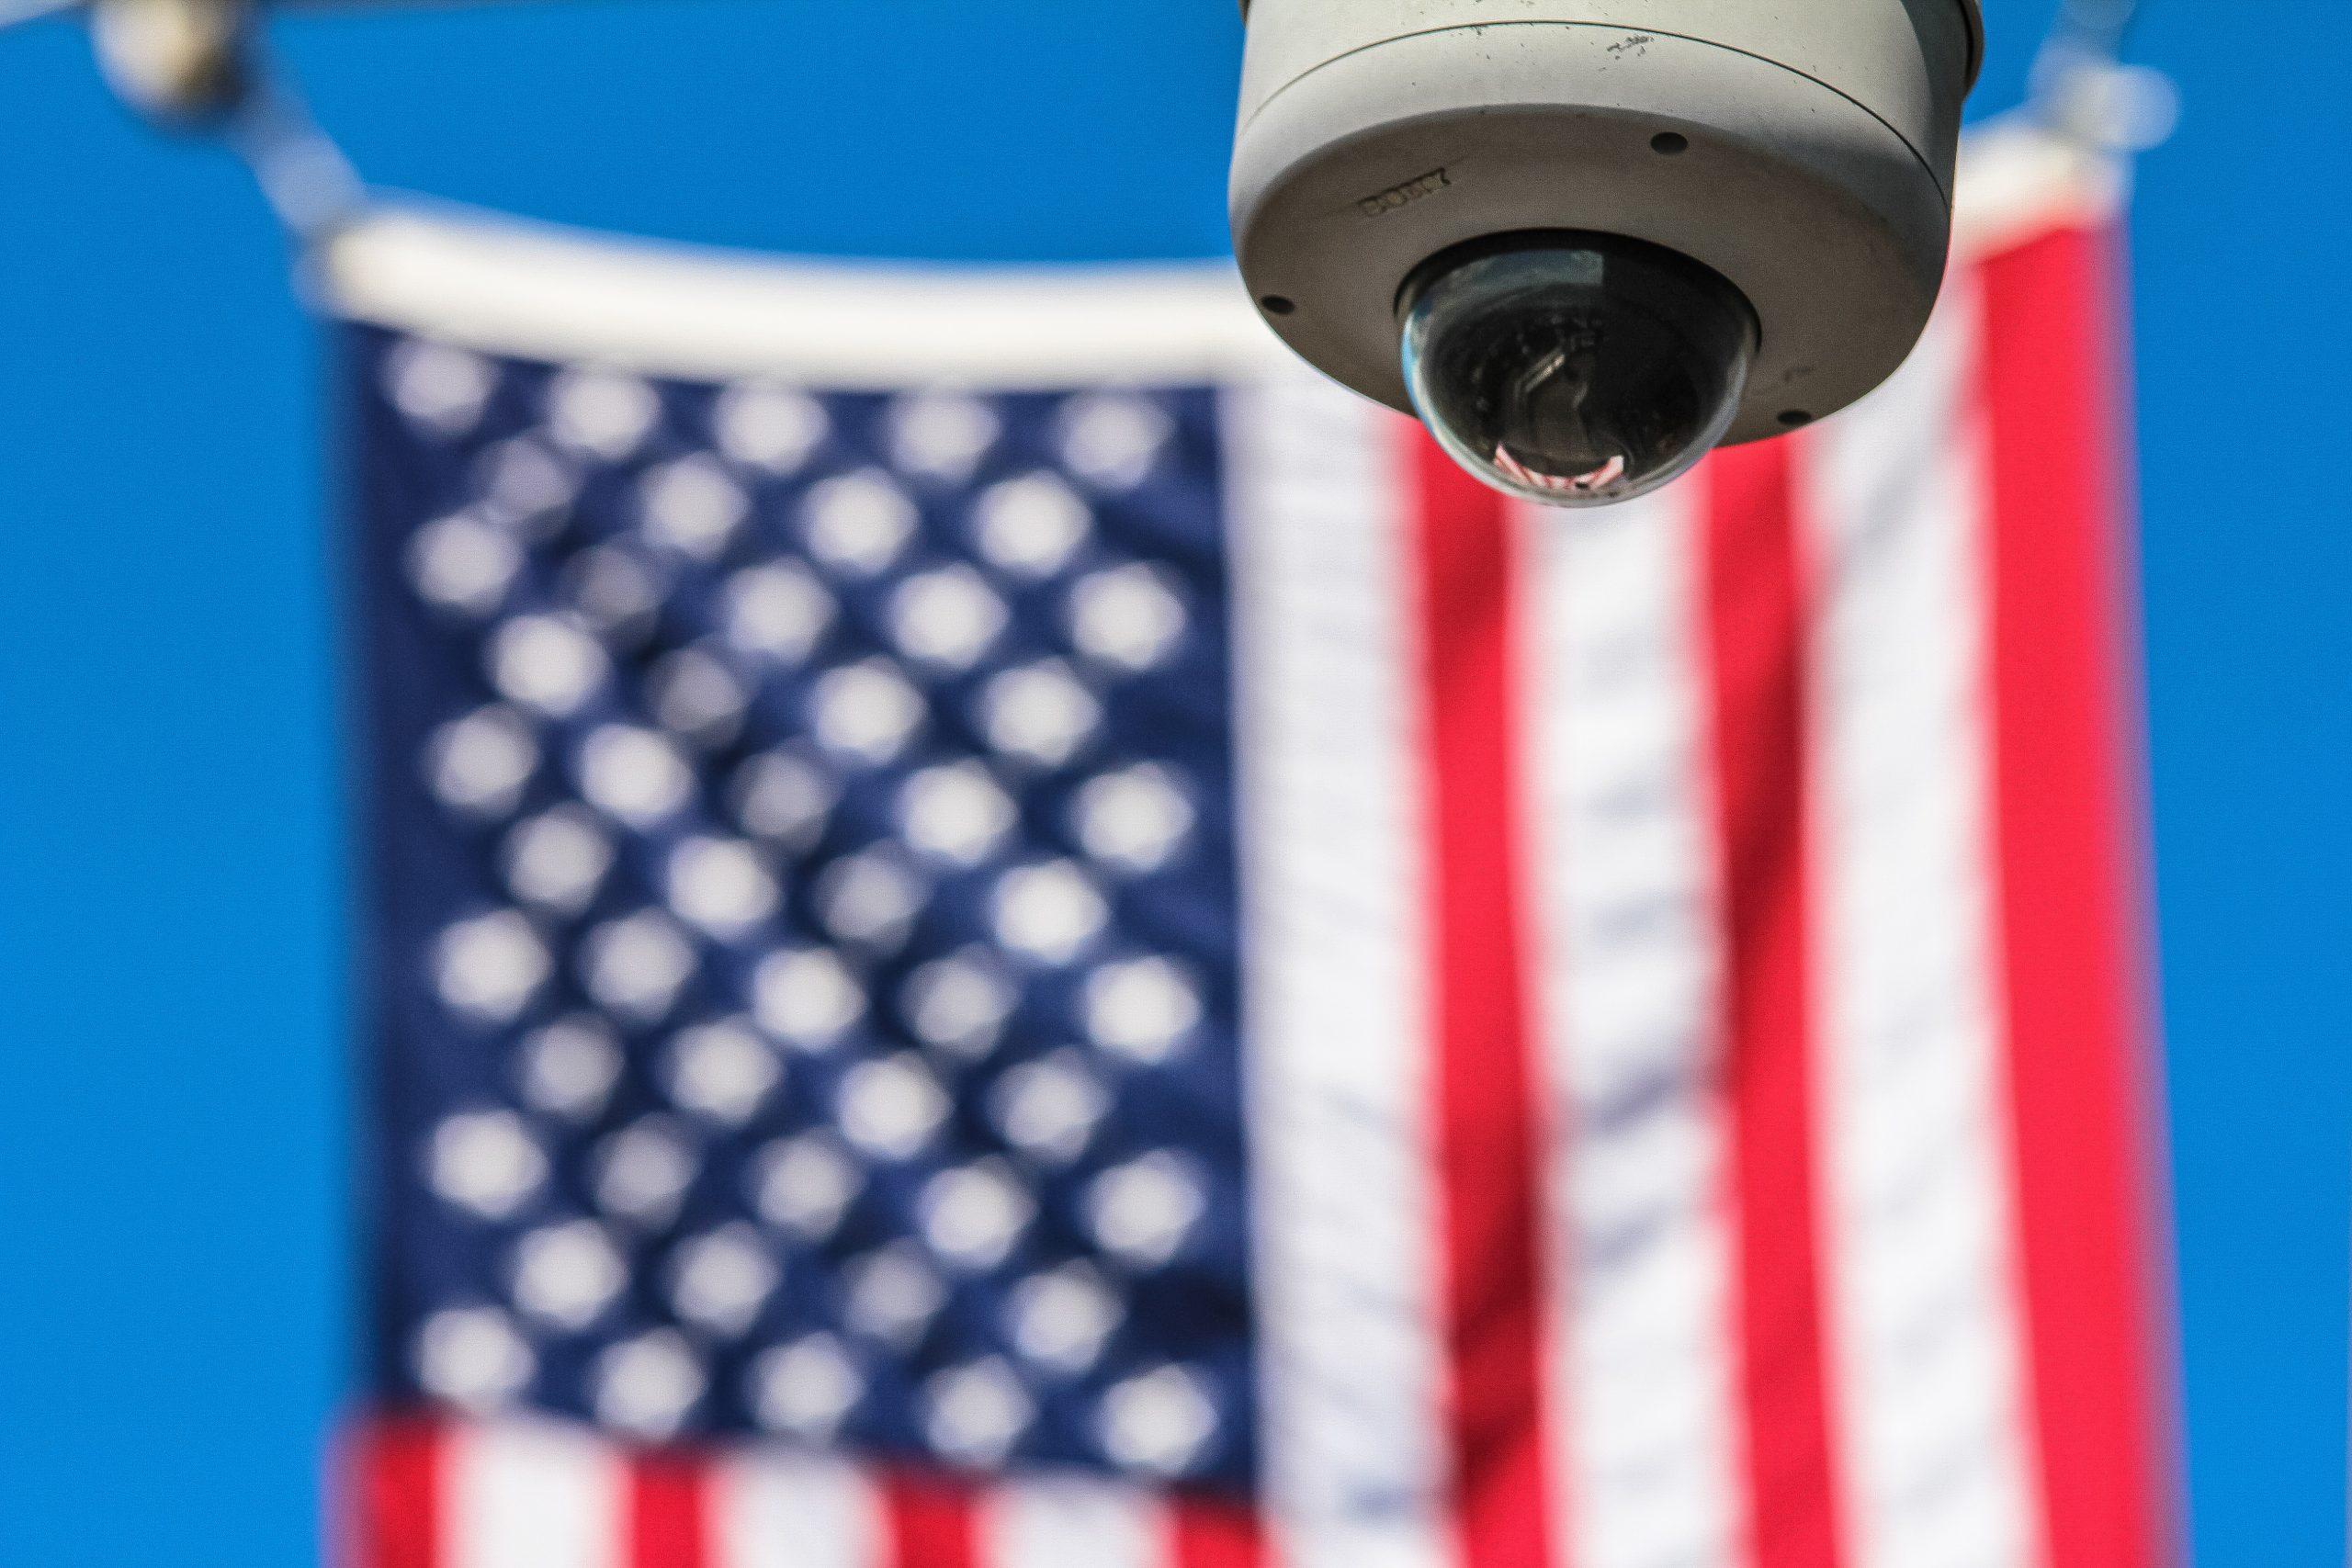 數據利維坦(Data LEVIATHAN)——政府數位監控之制度性啟示